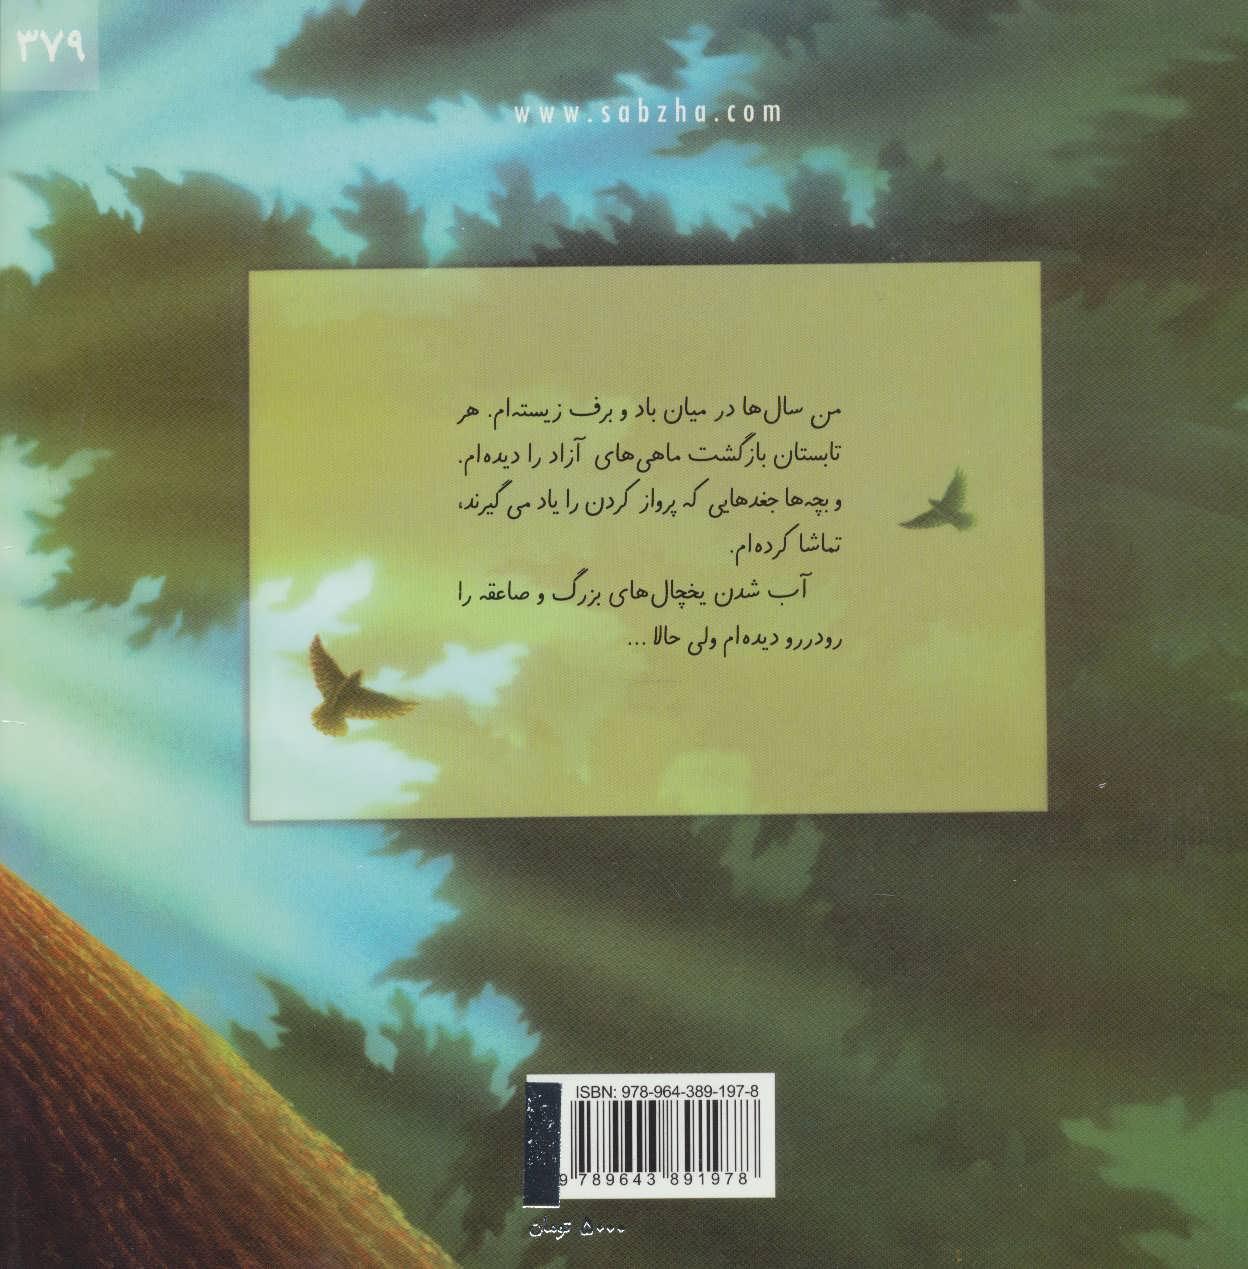 درخت سرافراز (کتابهای سبز)،(گلاسه)